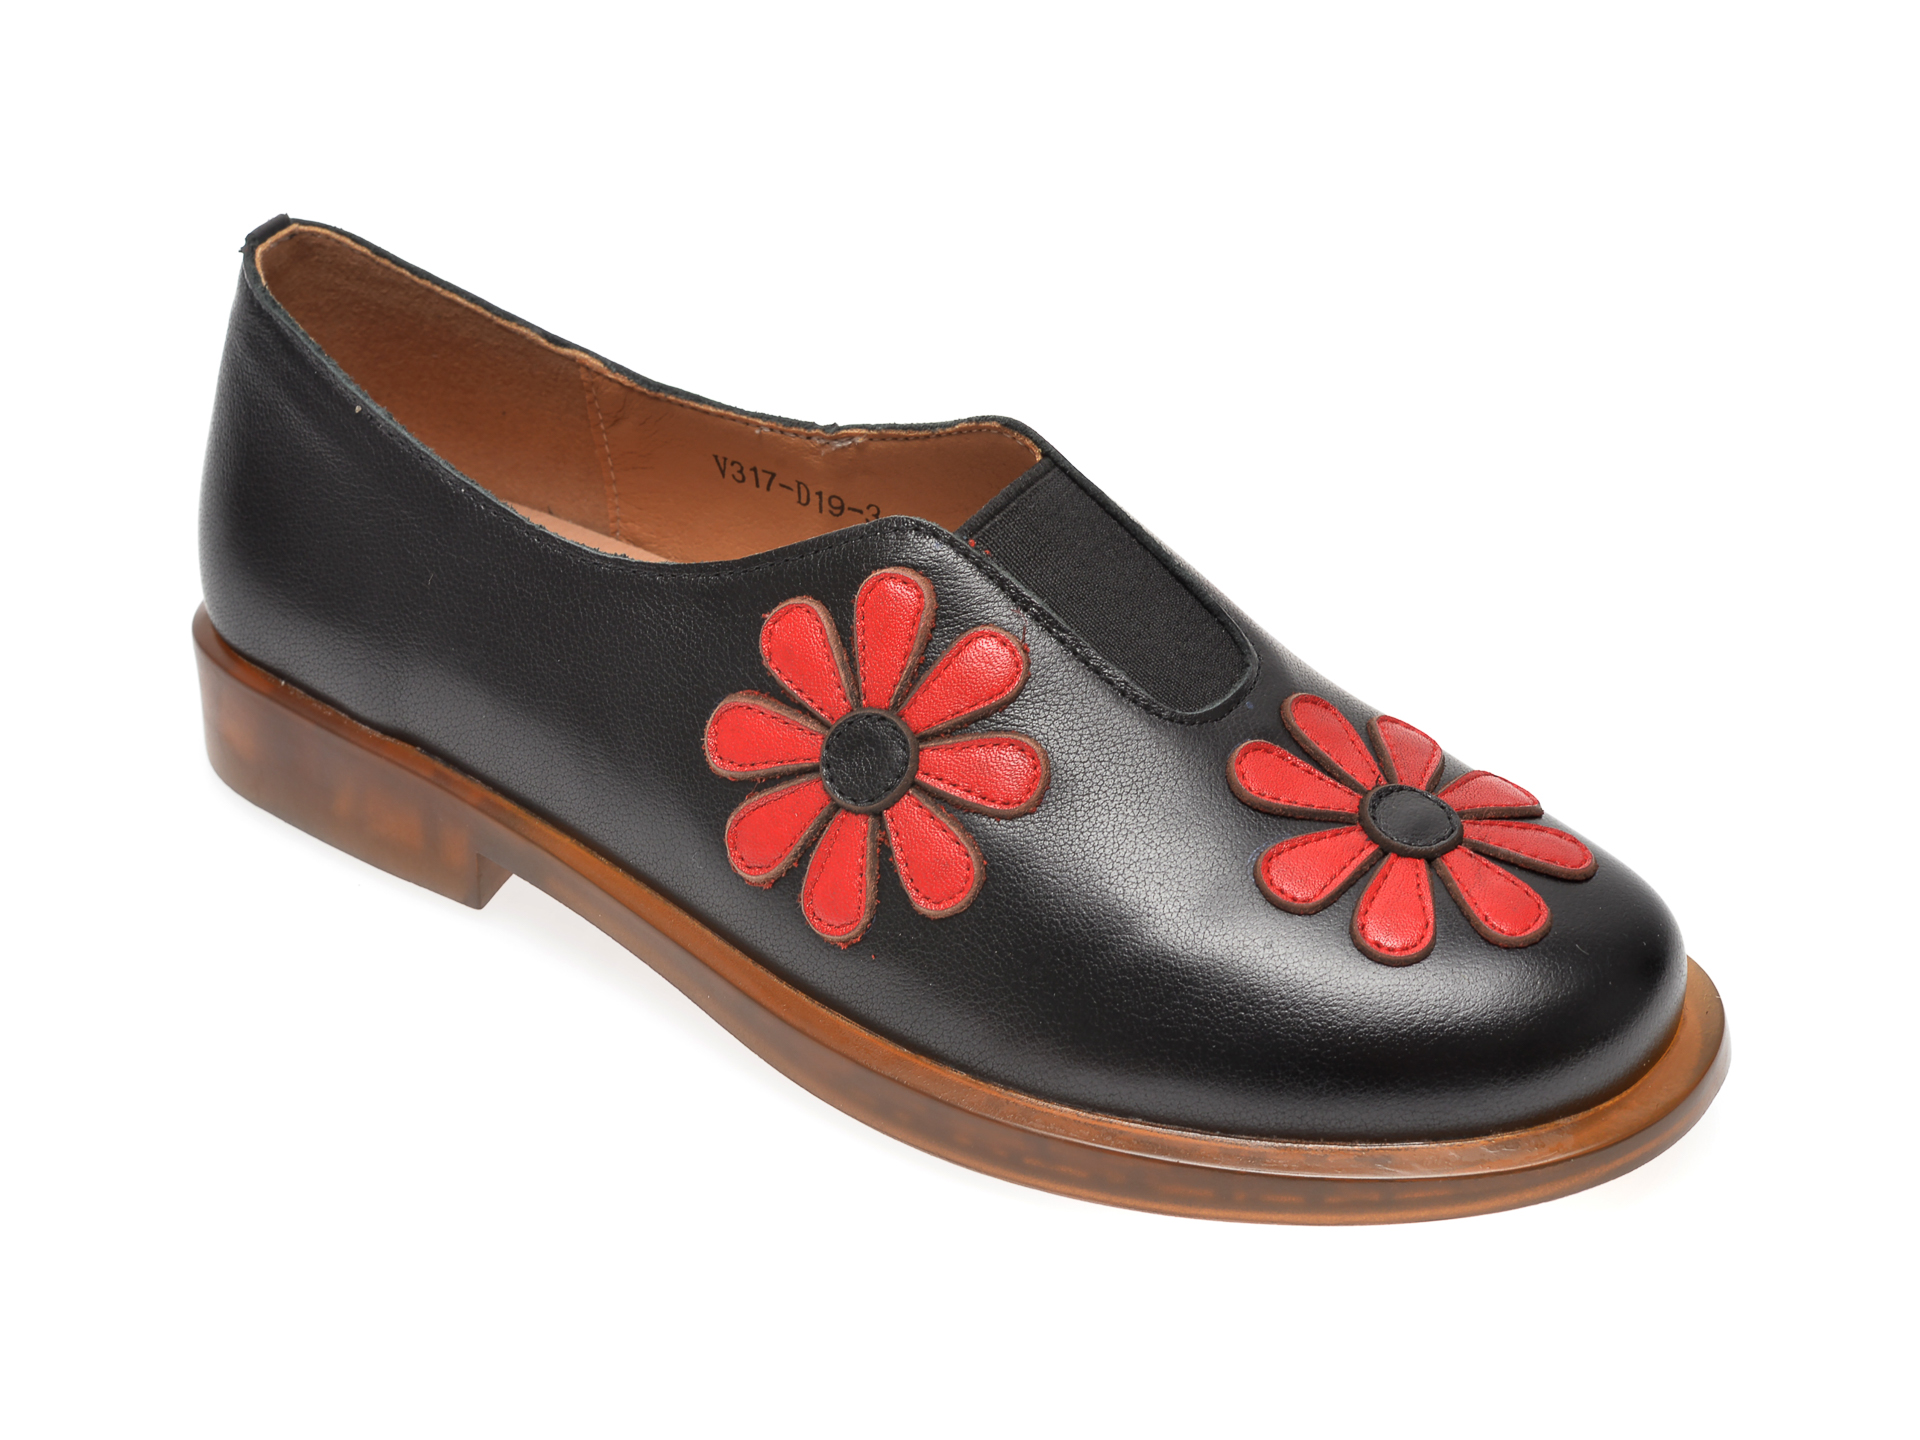 Pantofi FLAVIA PASSINI negri, V317D19, din piele naturala